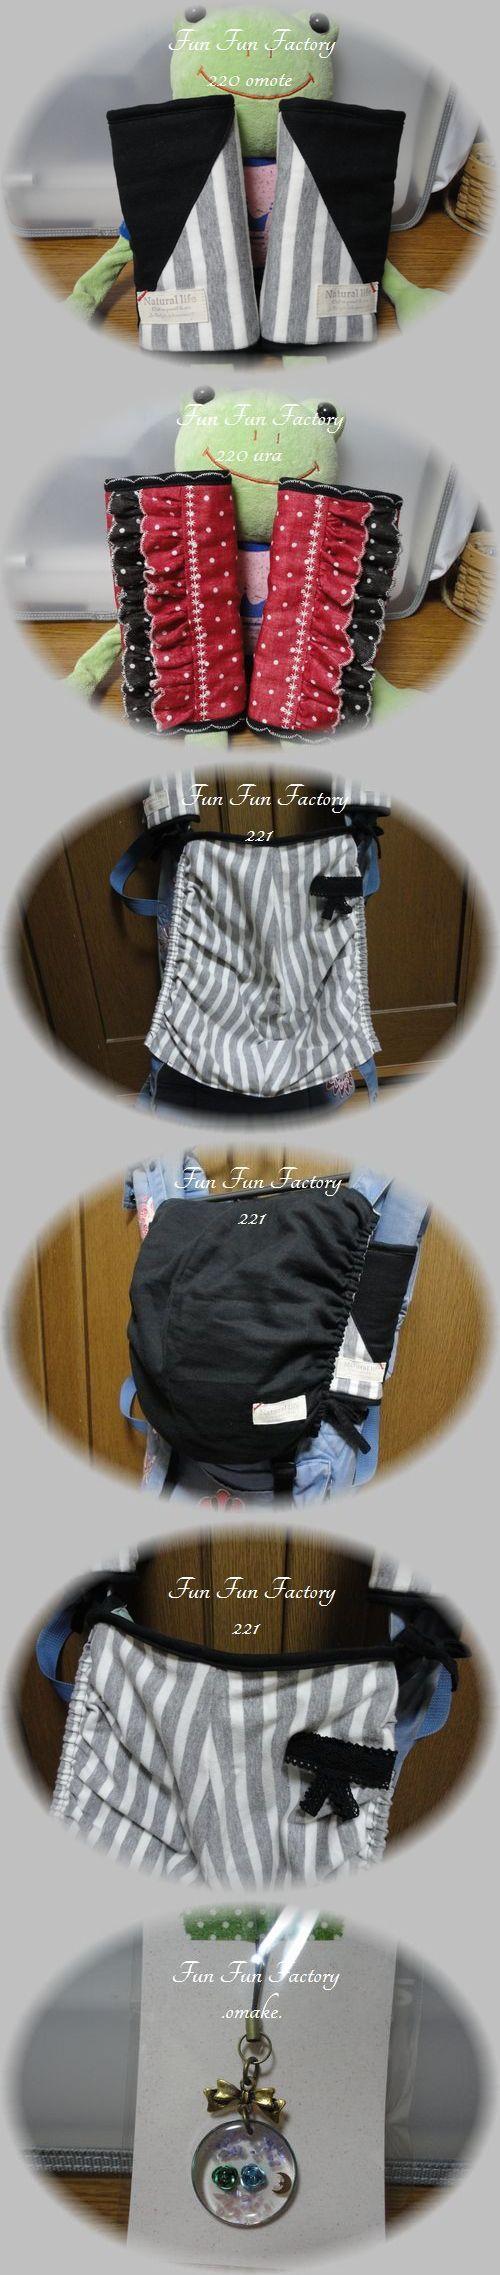 funfun220-221